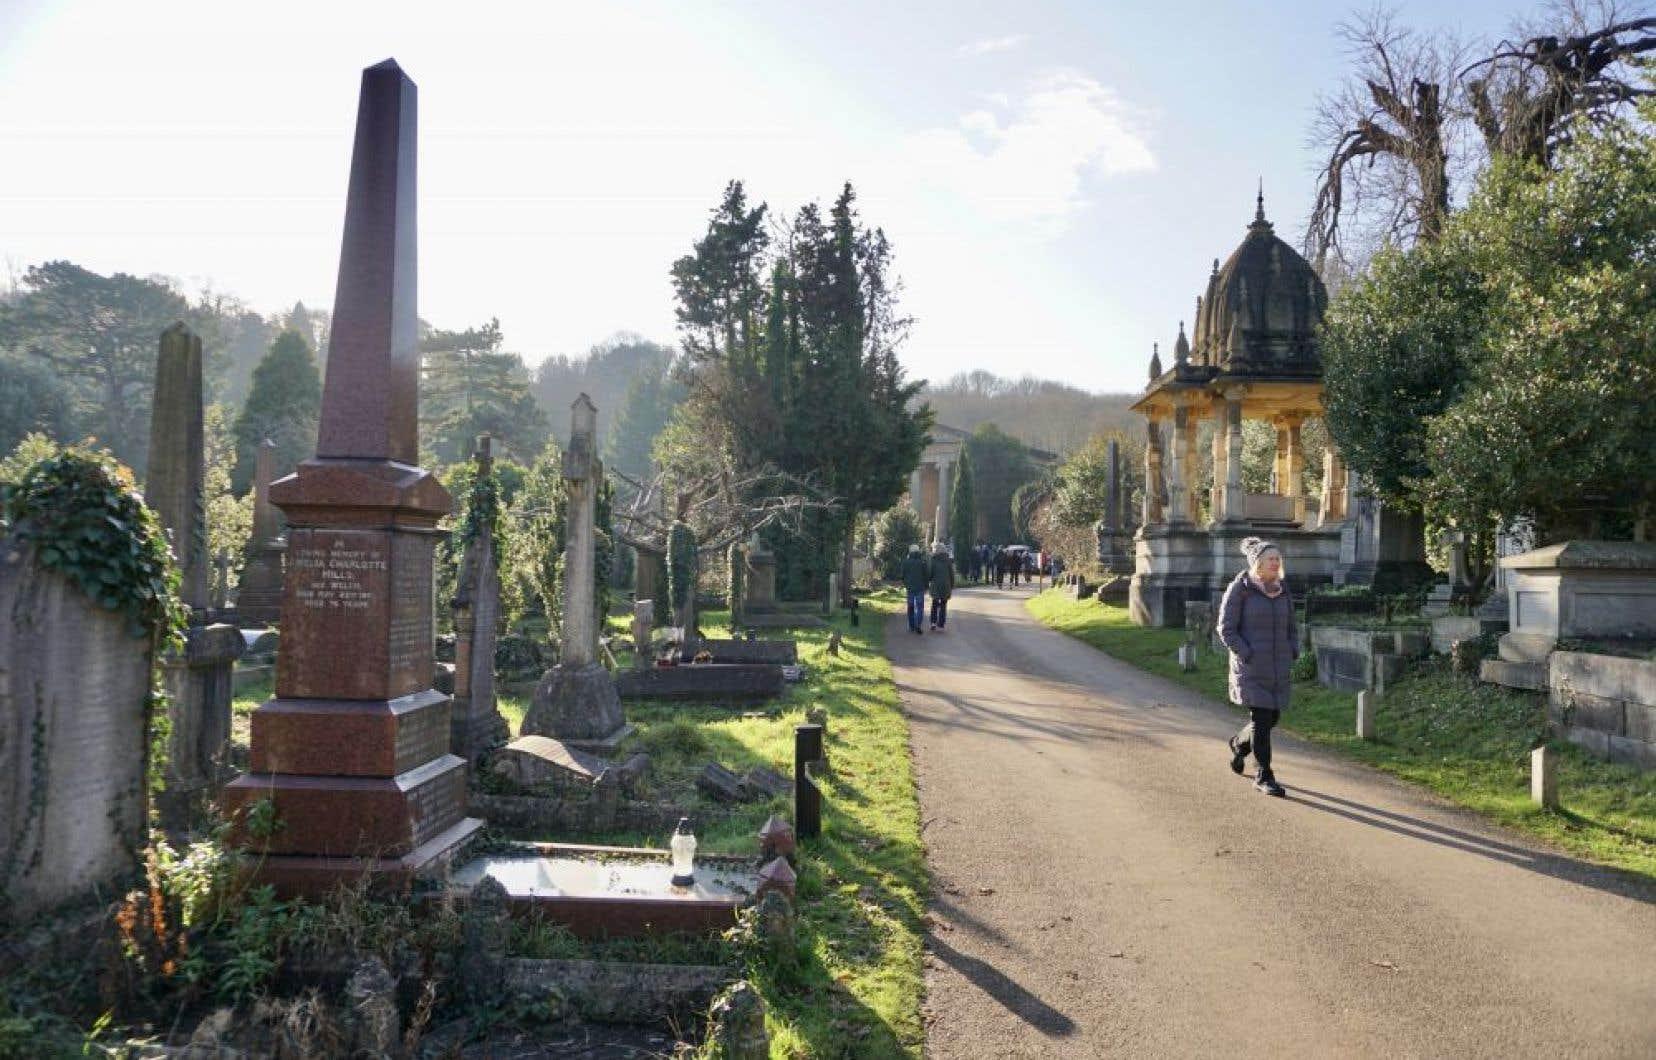 Le cimetière d'Arnos Vale à Bristol, en Angleterre. Menacé de destruction, il a fait l'objet d'une mobilisation citoyenne et à une transformation de ses activités.